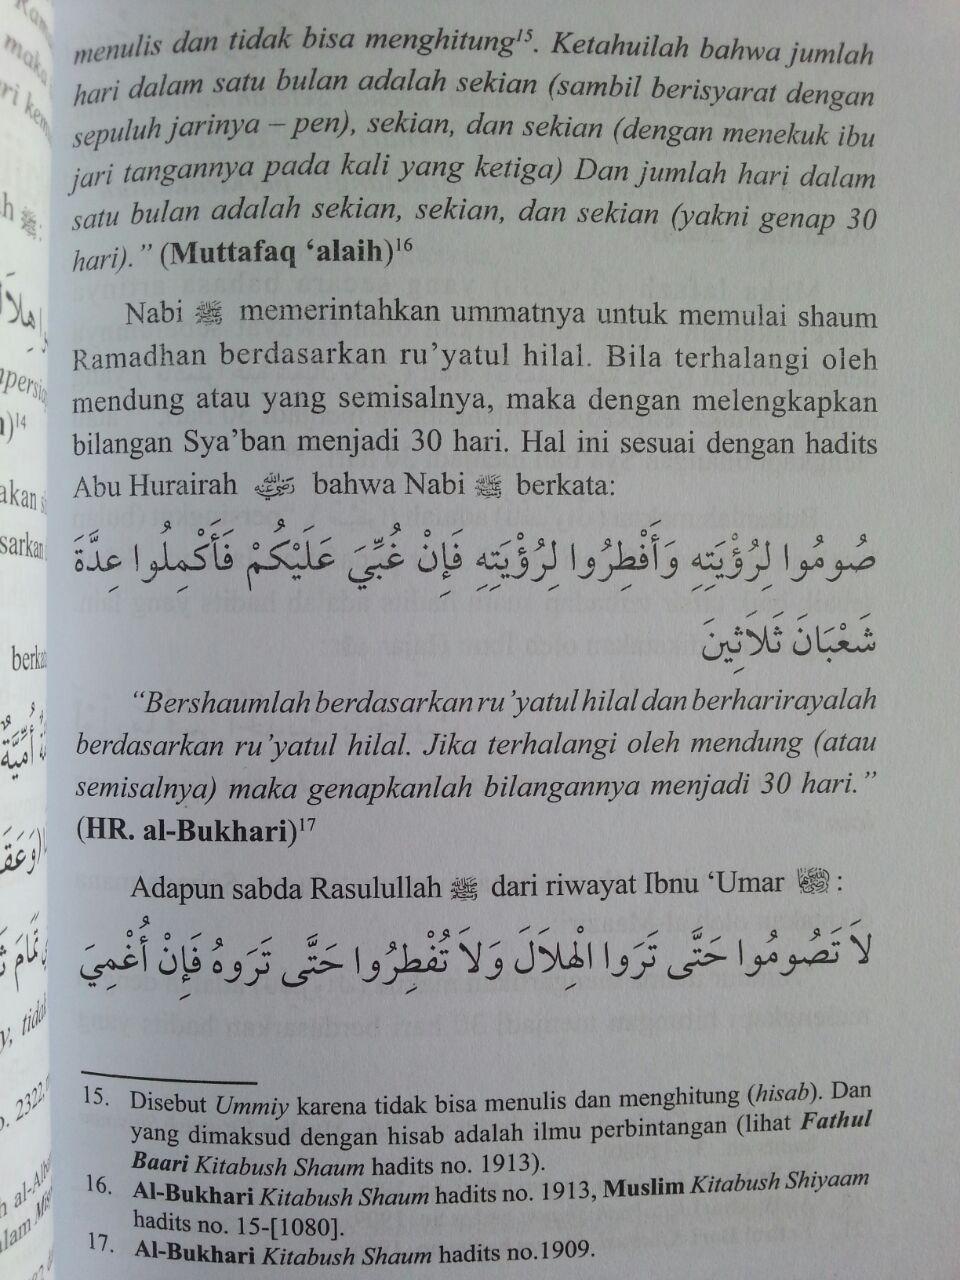 Buku Menentukan Awal Dan Akhir Ramadhan Dengan Ru'yatul Atau Hisab isi 3